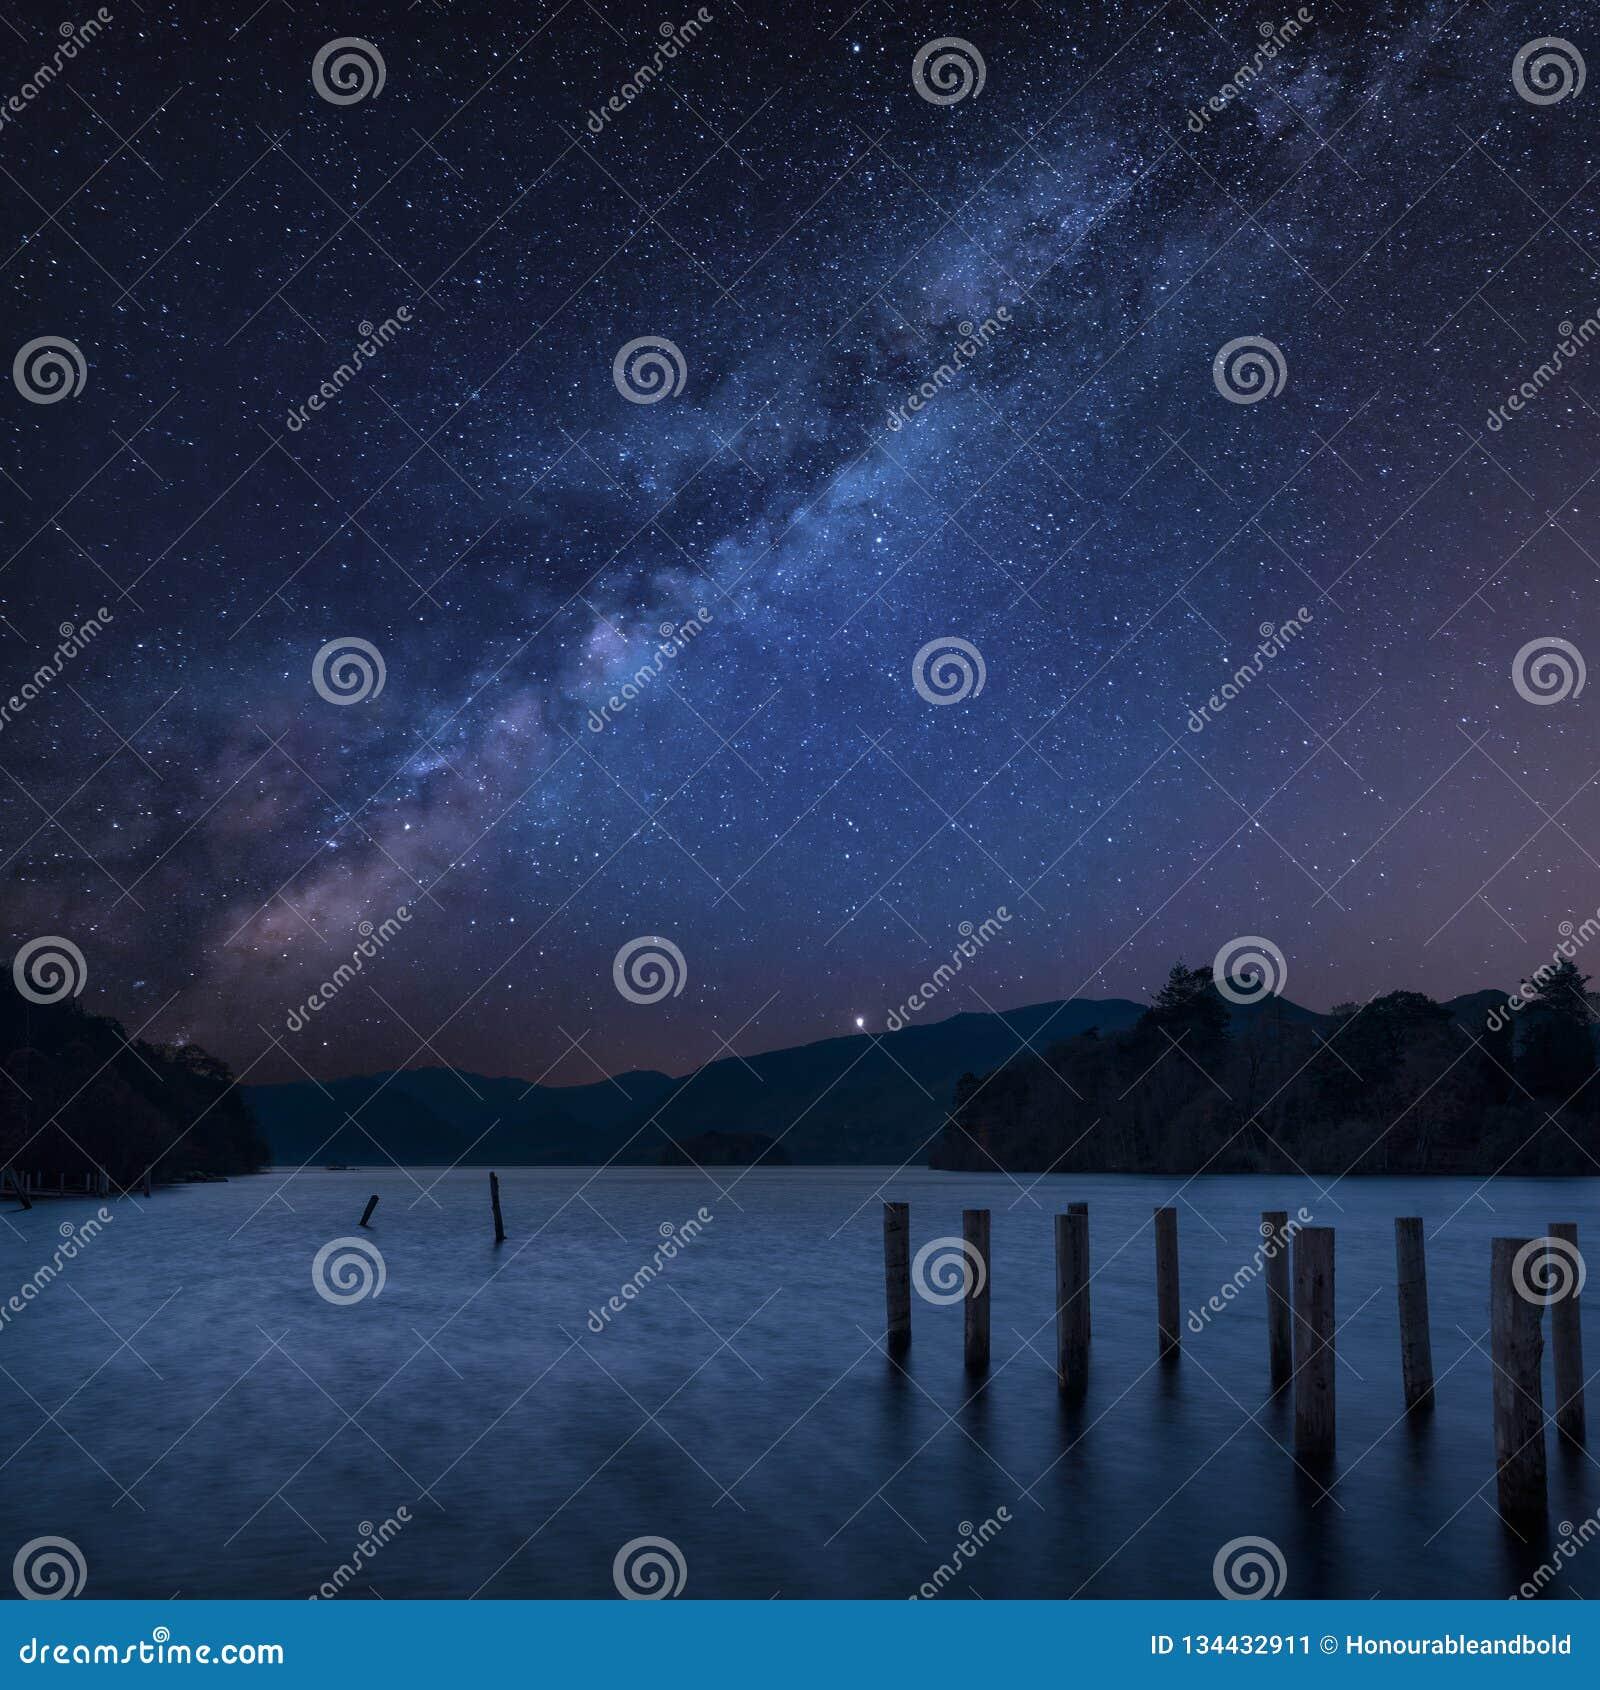 Zusammengesetztes Bild der Betäubungs-vibrierendes Milchstraße Landschaftsüber Derwent-Wasser im See-Bezirk während Autumn Fall-S